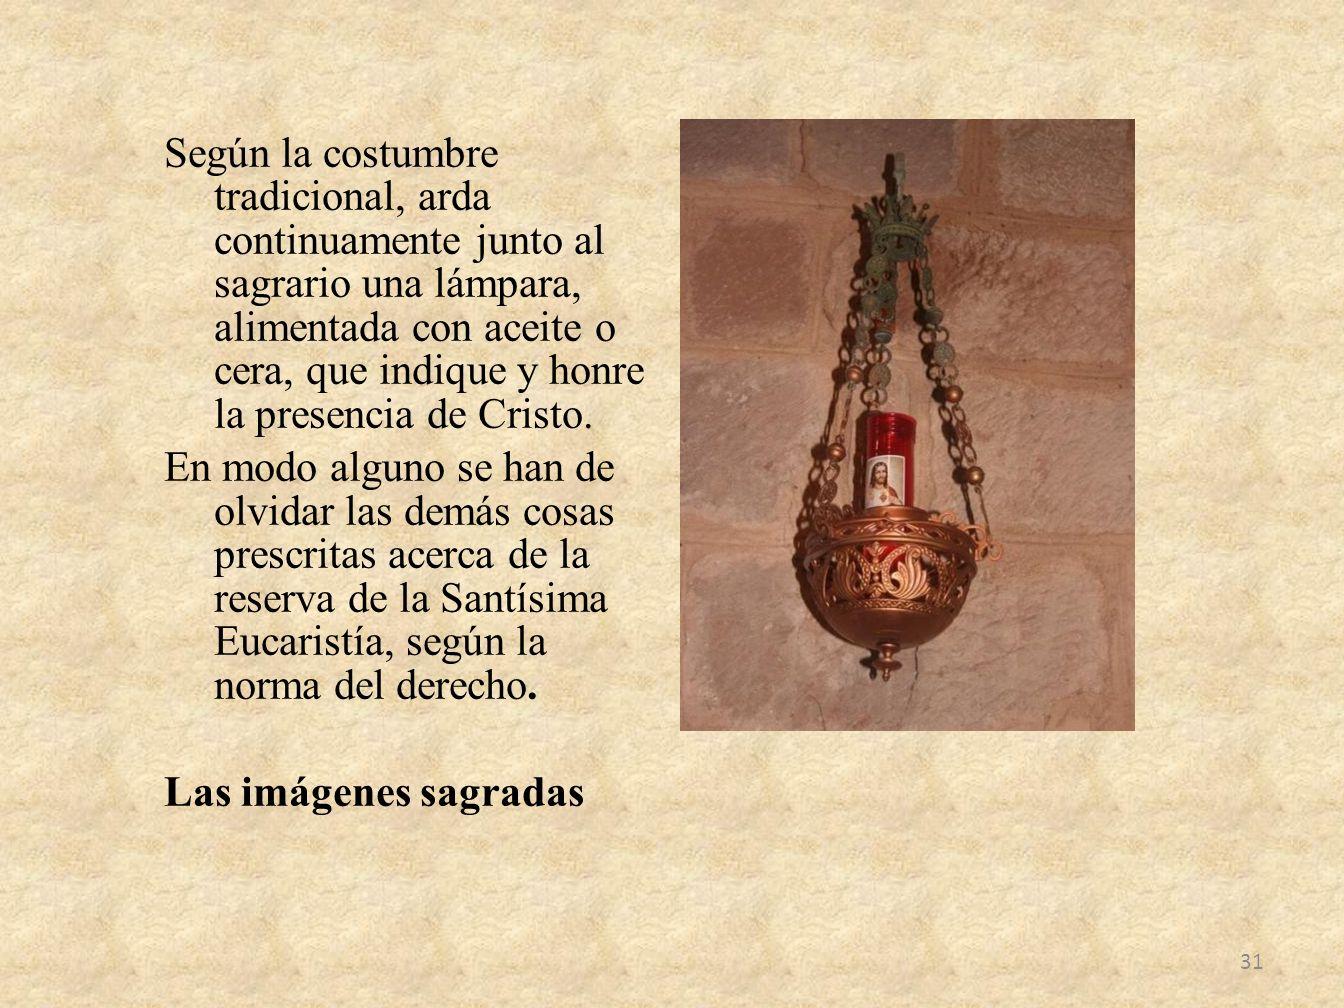 Según la costumbre tradicional, arda continuamente junto al sagrario una lámpara, alimentada con aceite o cera, que indique y honre la presencia de Cristo.